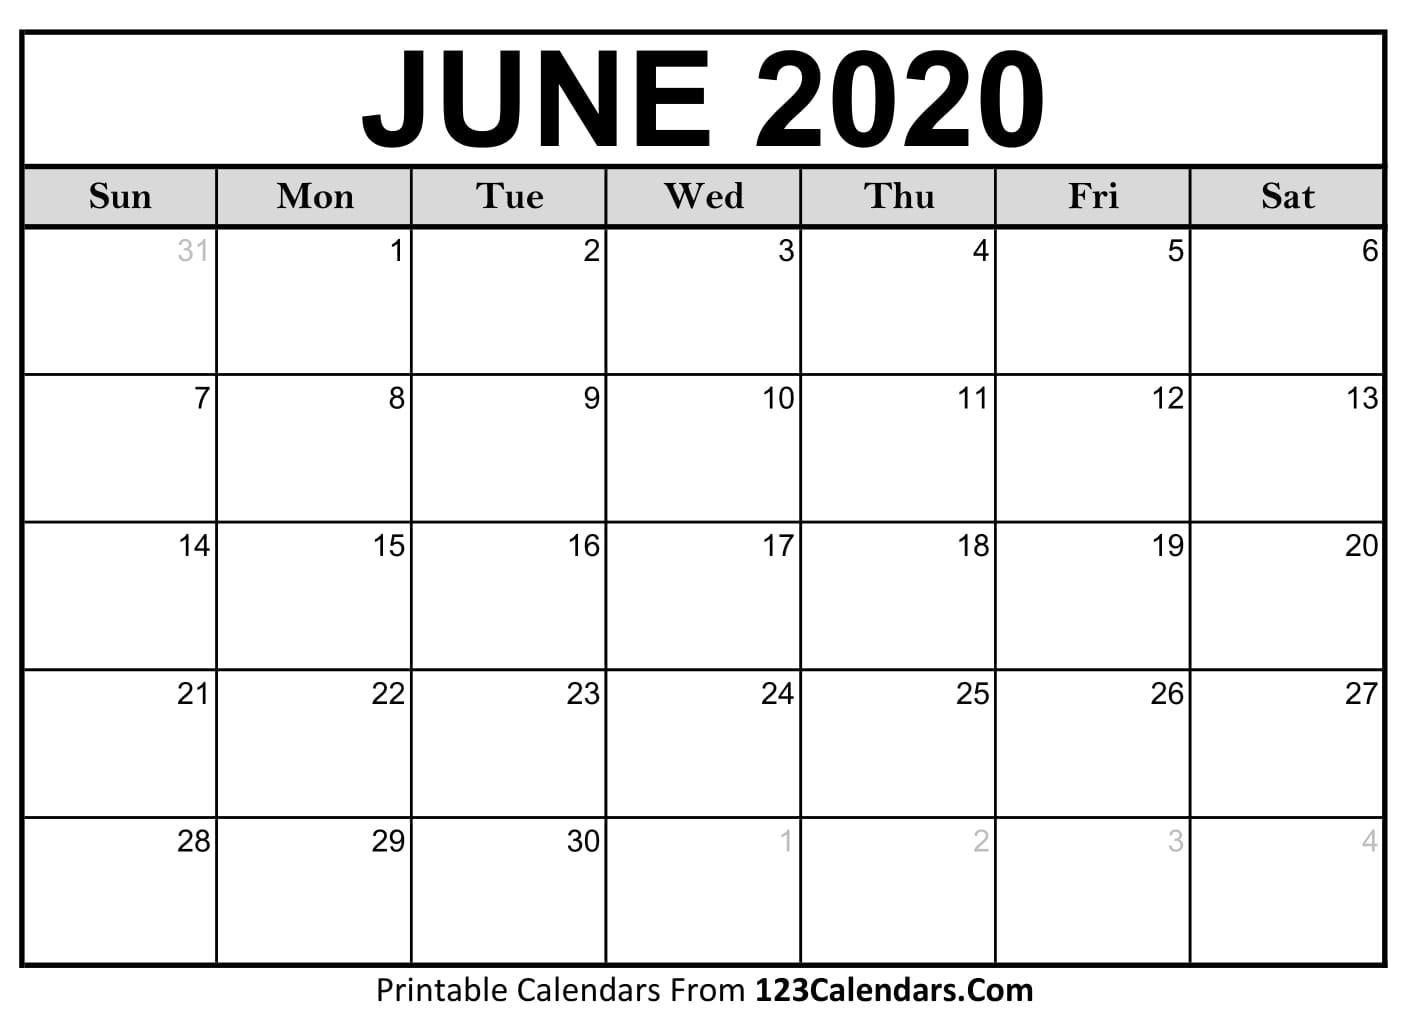 June 2020 Printable Calendar | 123Calendars for Free Printed Calendars From June 2019 To June 2020